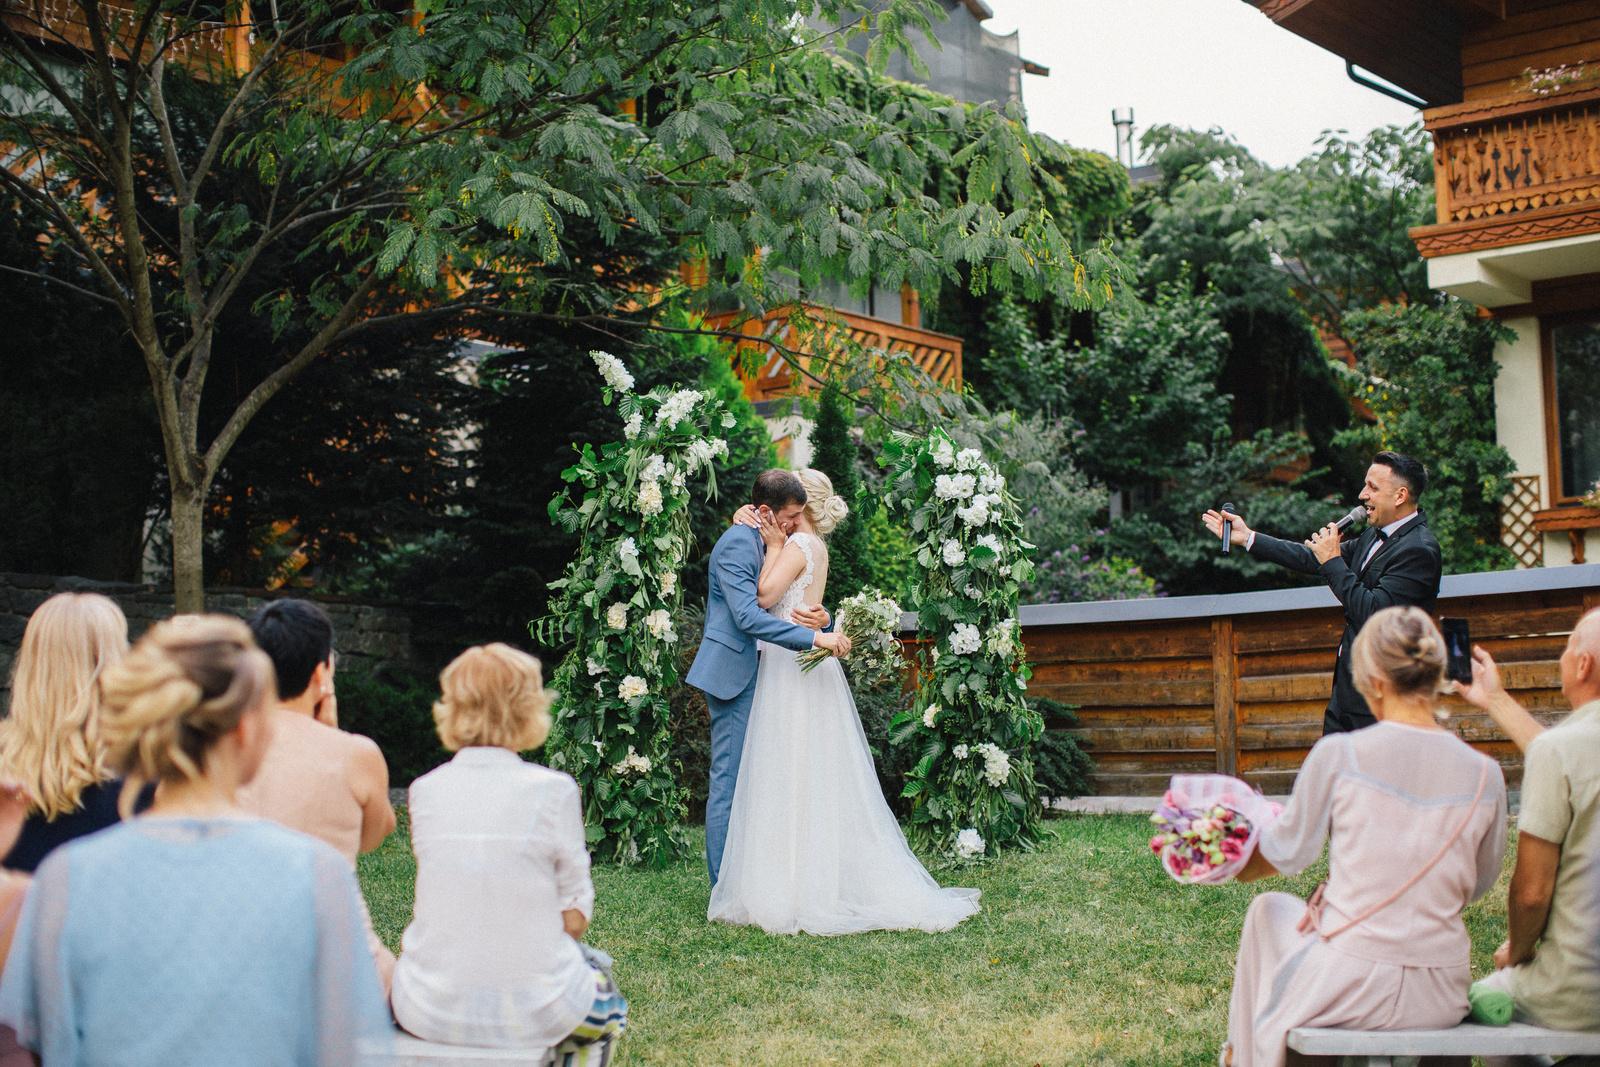 Уютная свадьба в горах на свежем воздухе